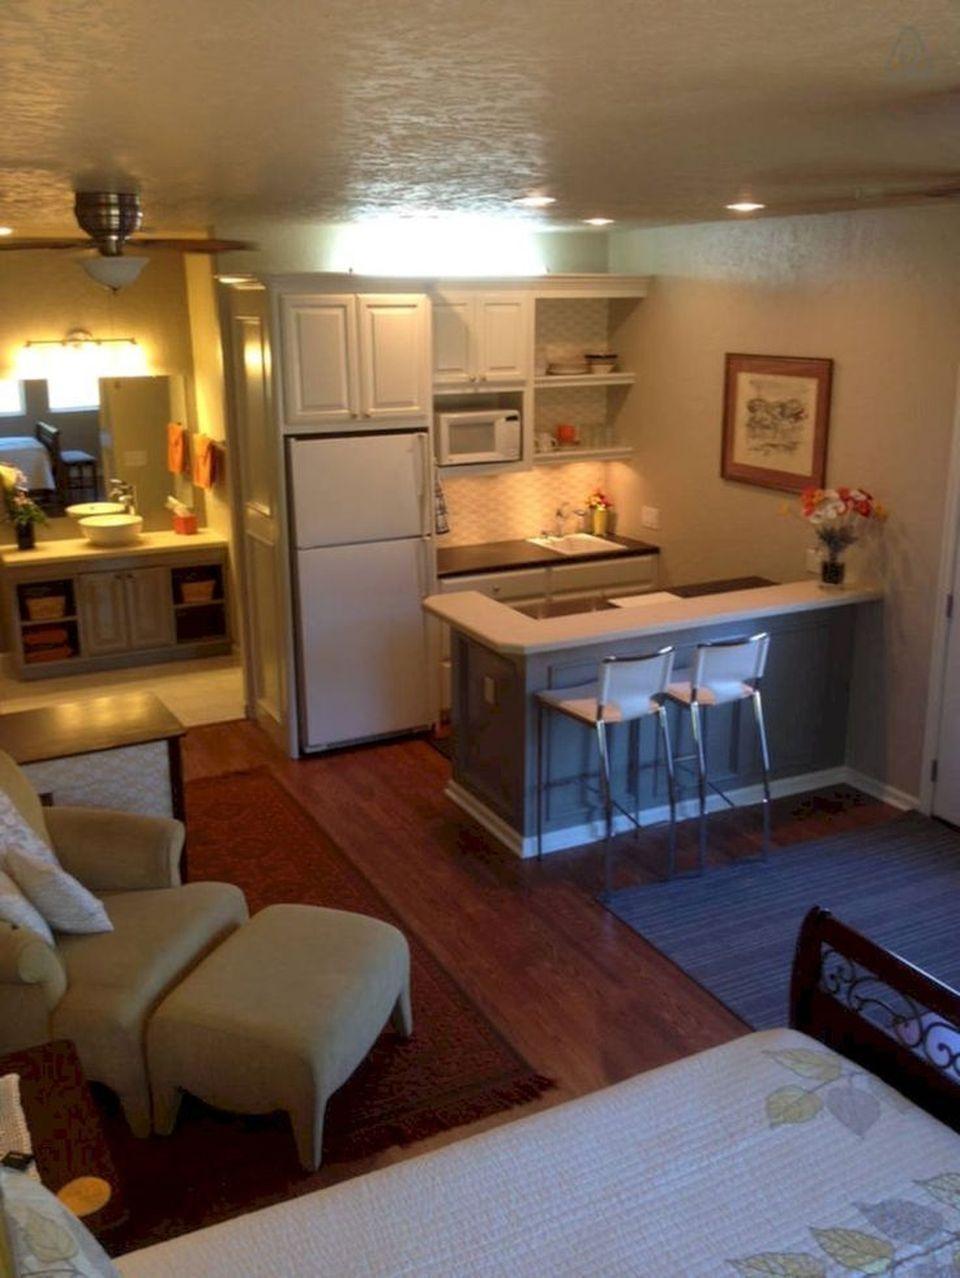 42 Minimalist Apartment Studio Decorating Ideas - Studio ...